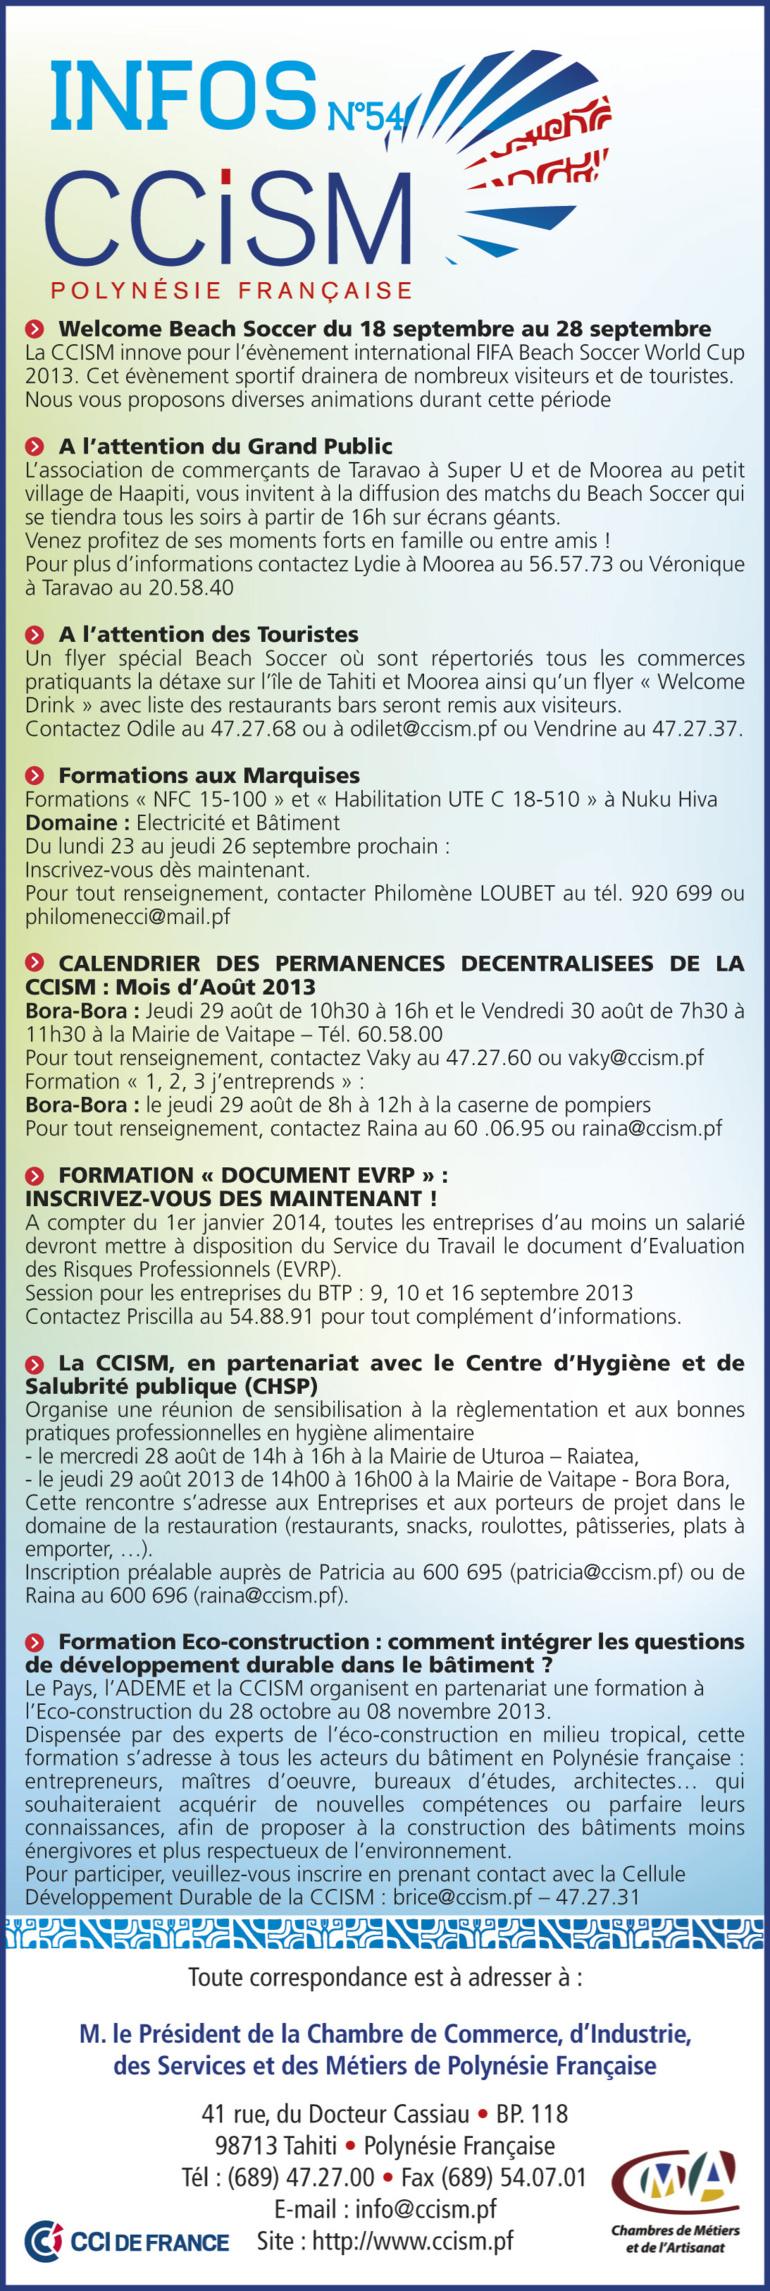 Infos CCISM N°54